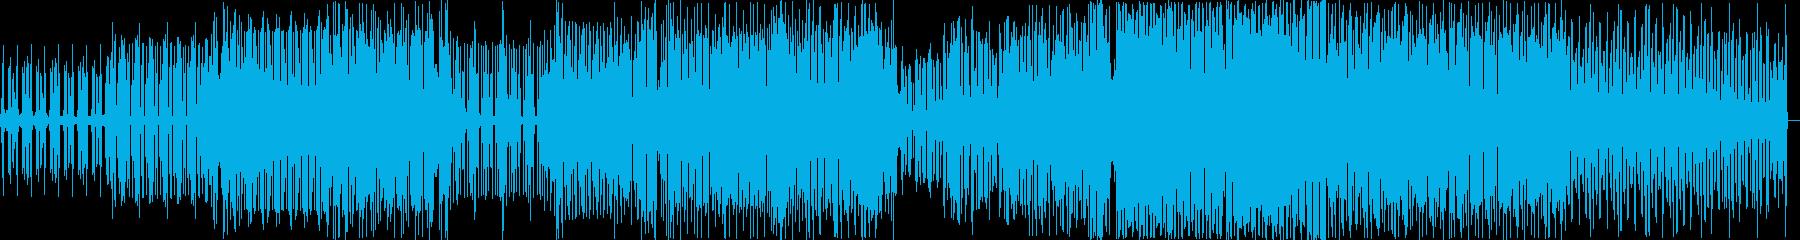 テクノ風味なクリックハウスの再生済みの波形